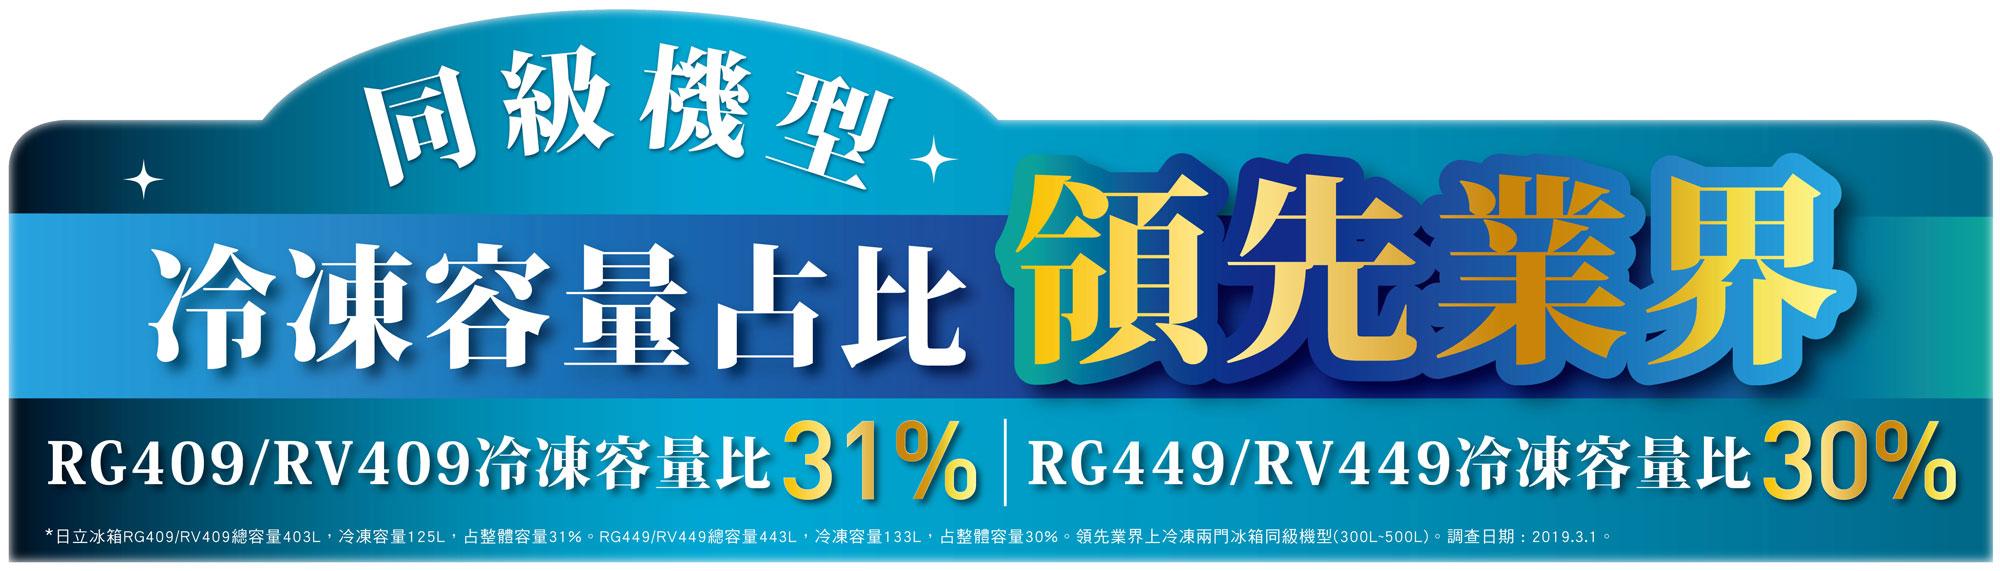 冷凍室125L超大設計 冷凍室占總容量31%